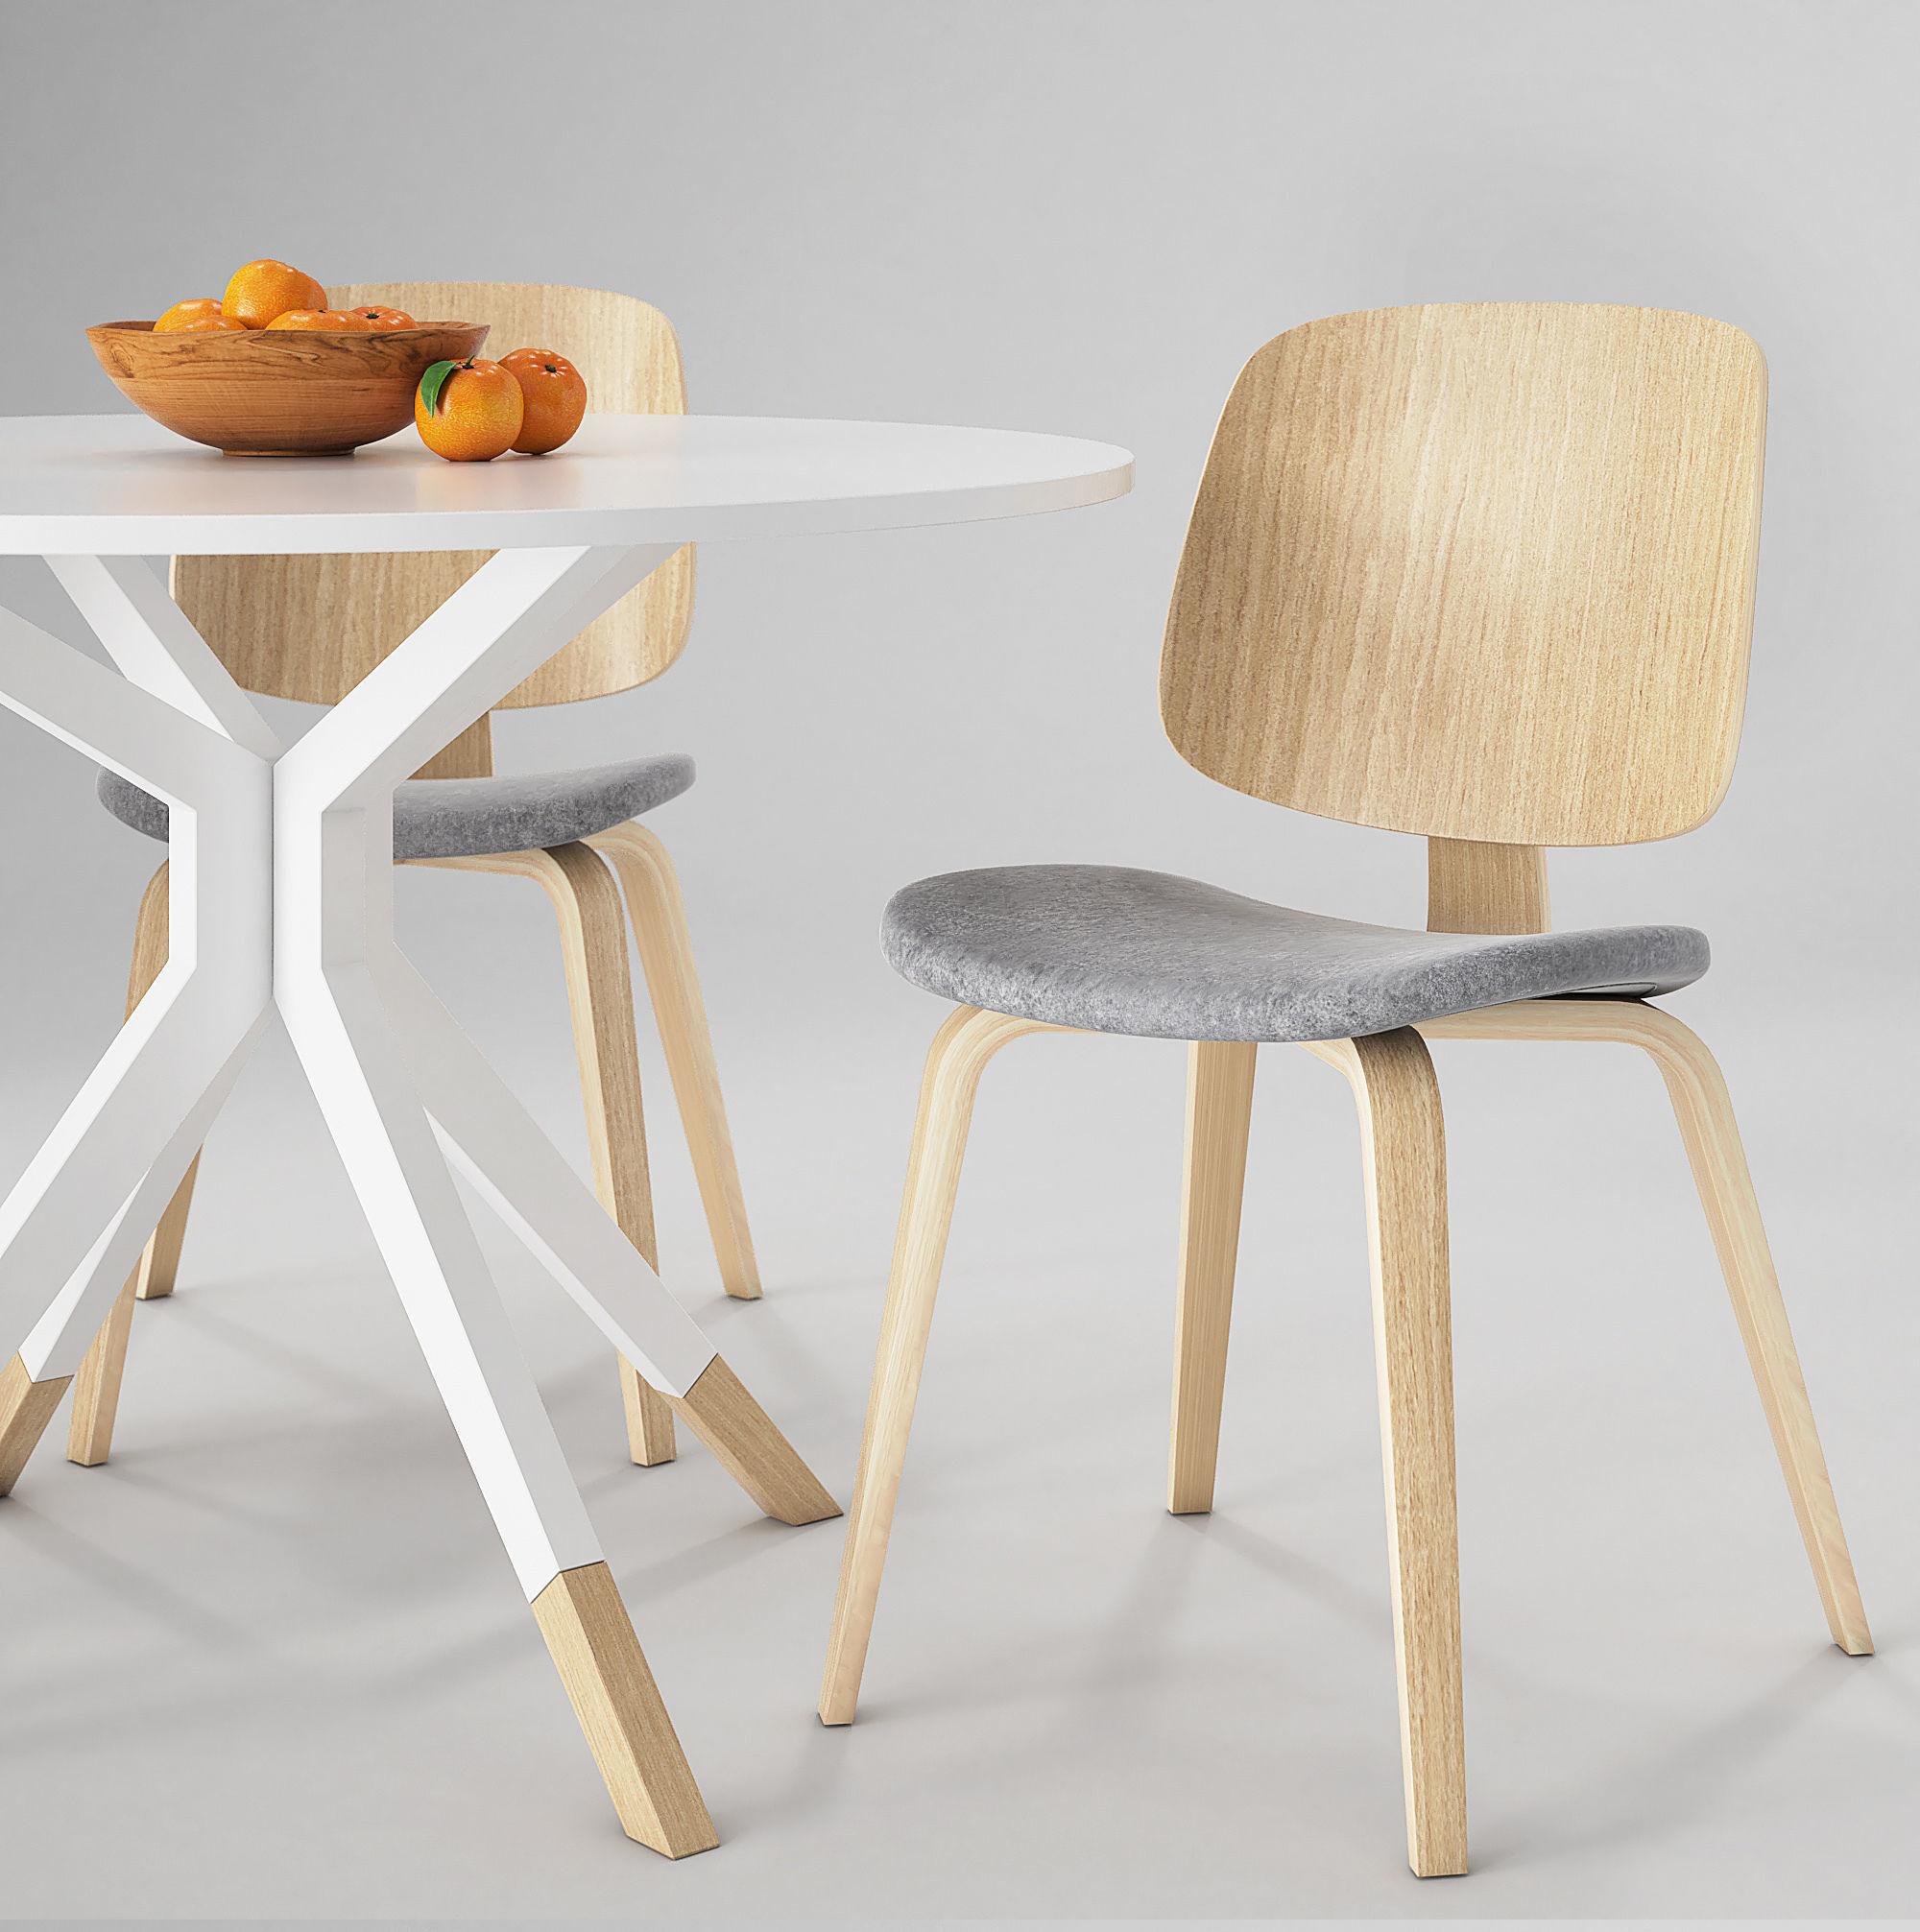 bo concept lyon boconcept toronto blogto toronto image source blogtocom with bo concept lyon. Black Bedroom Furniture Sets. Home Design Ideas